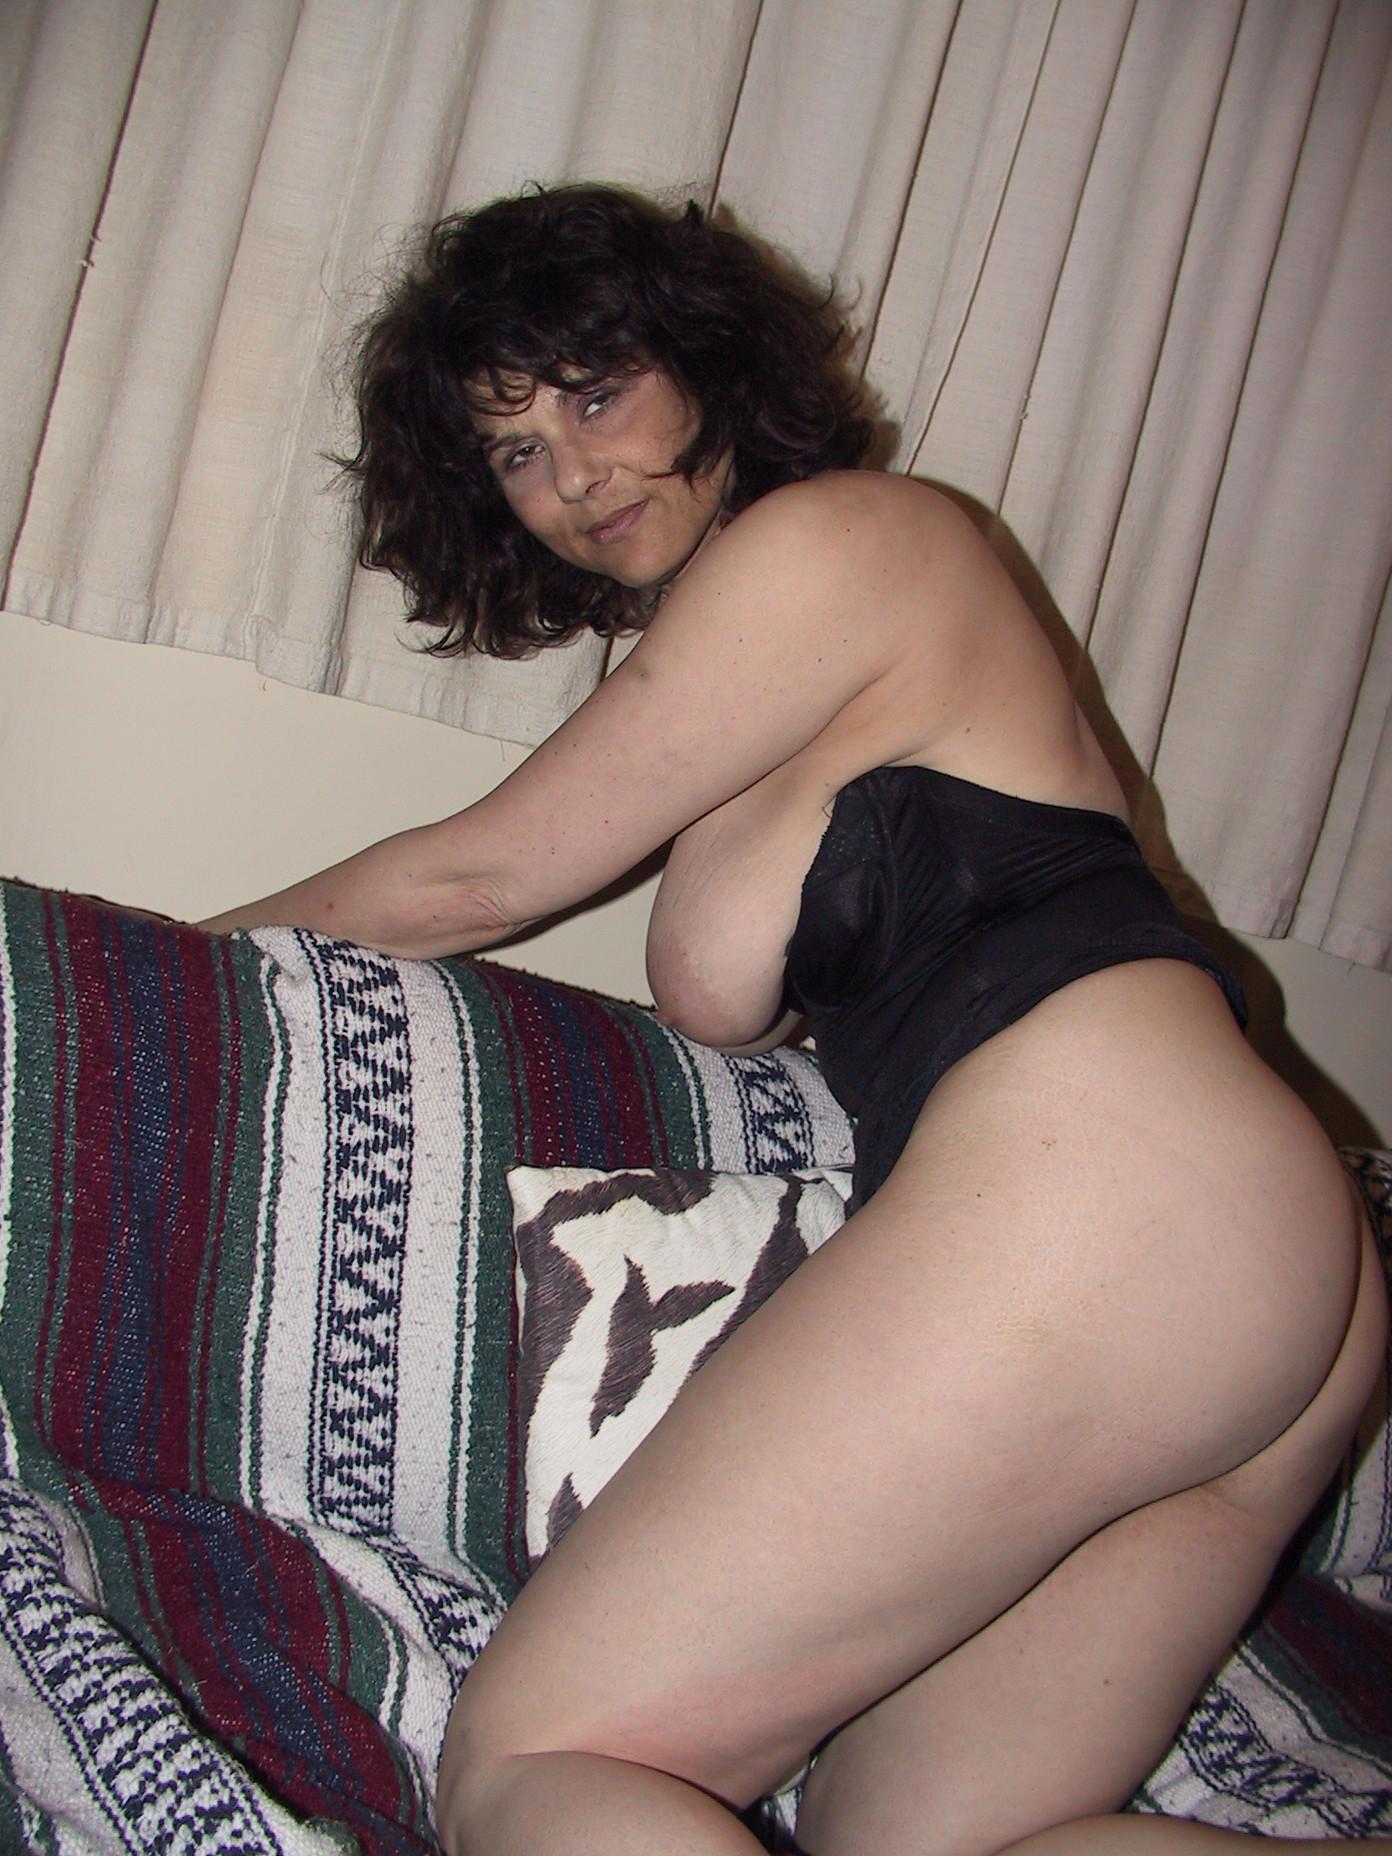 Люси показывает свои большие сиськи